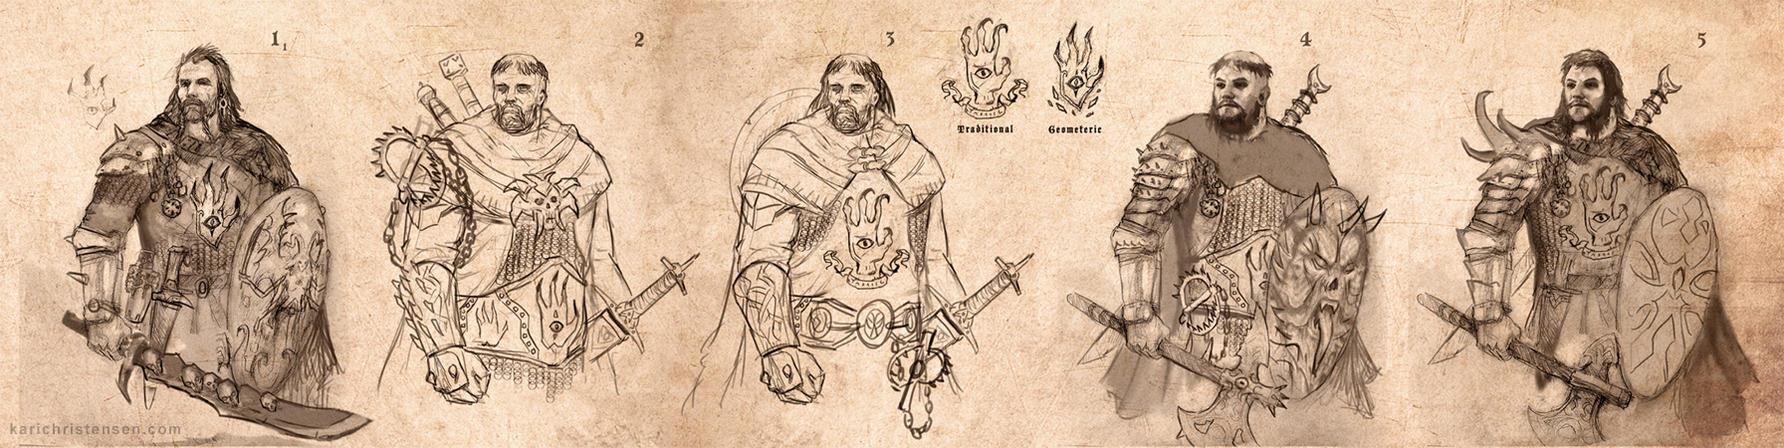 Demon Hunter Concept Designs by karichristensen